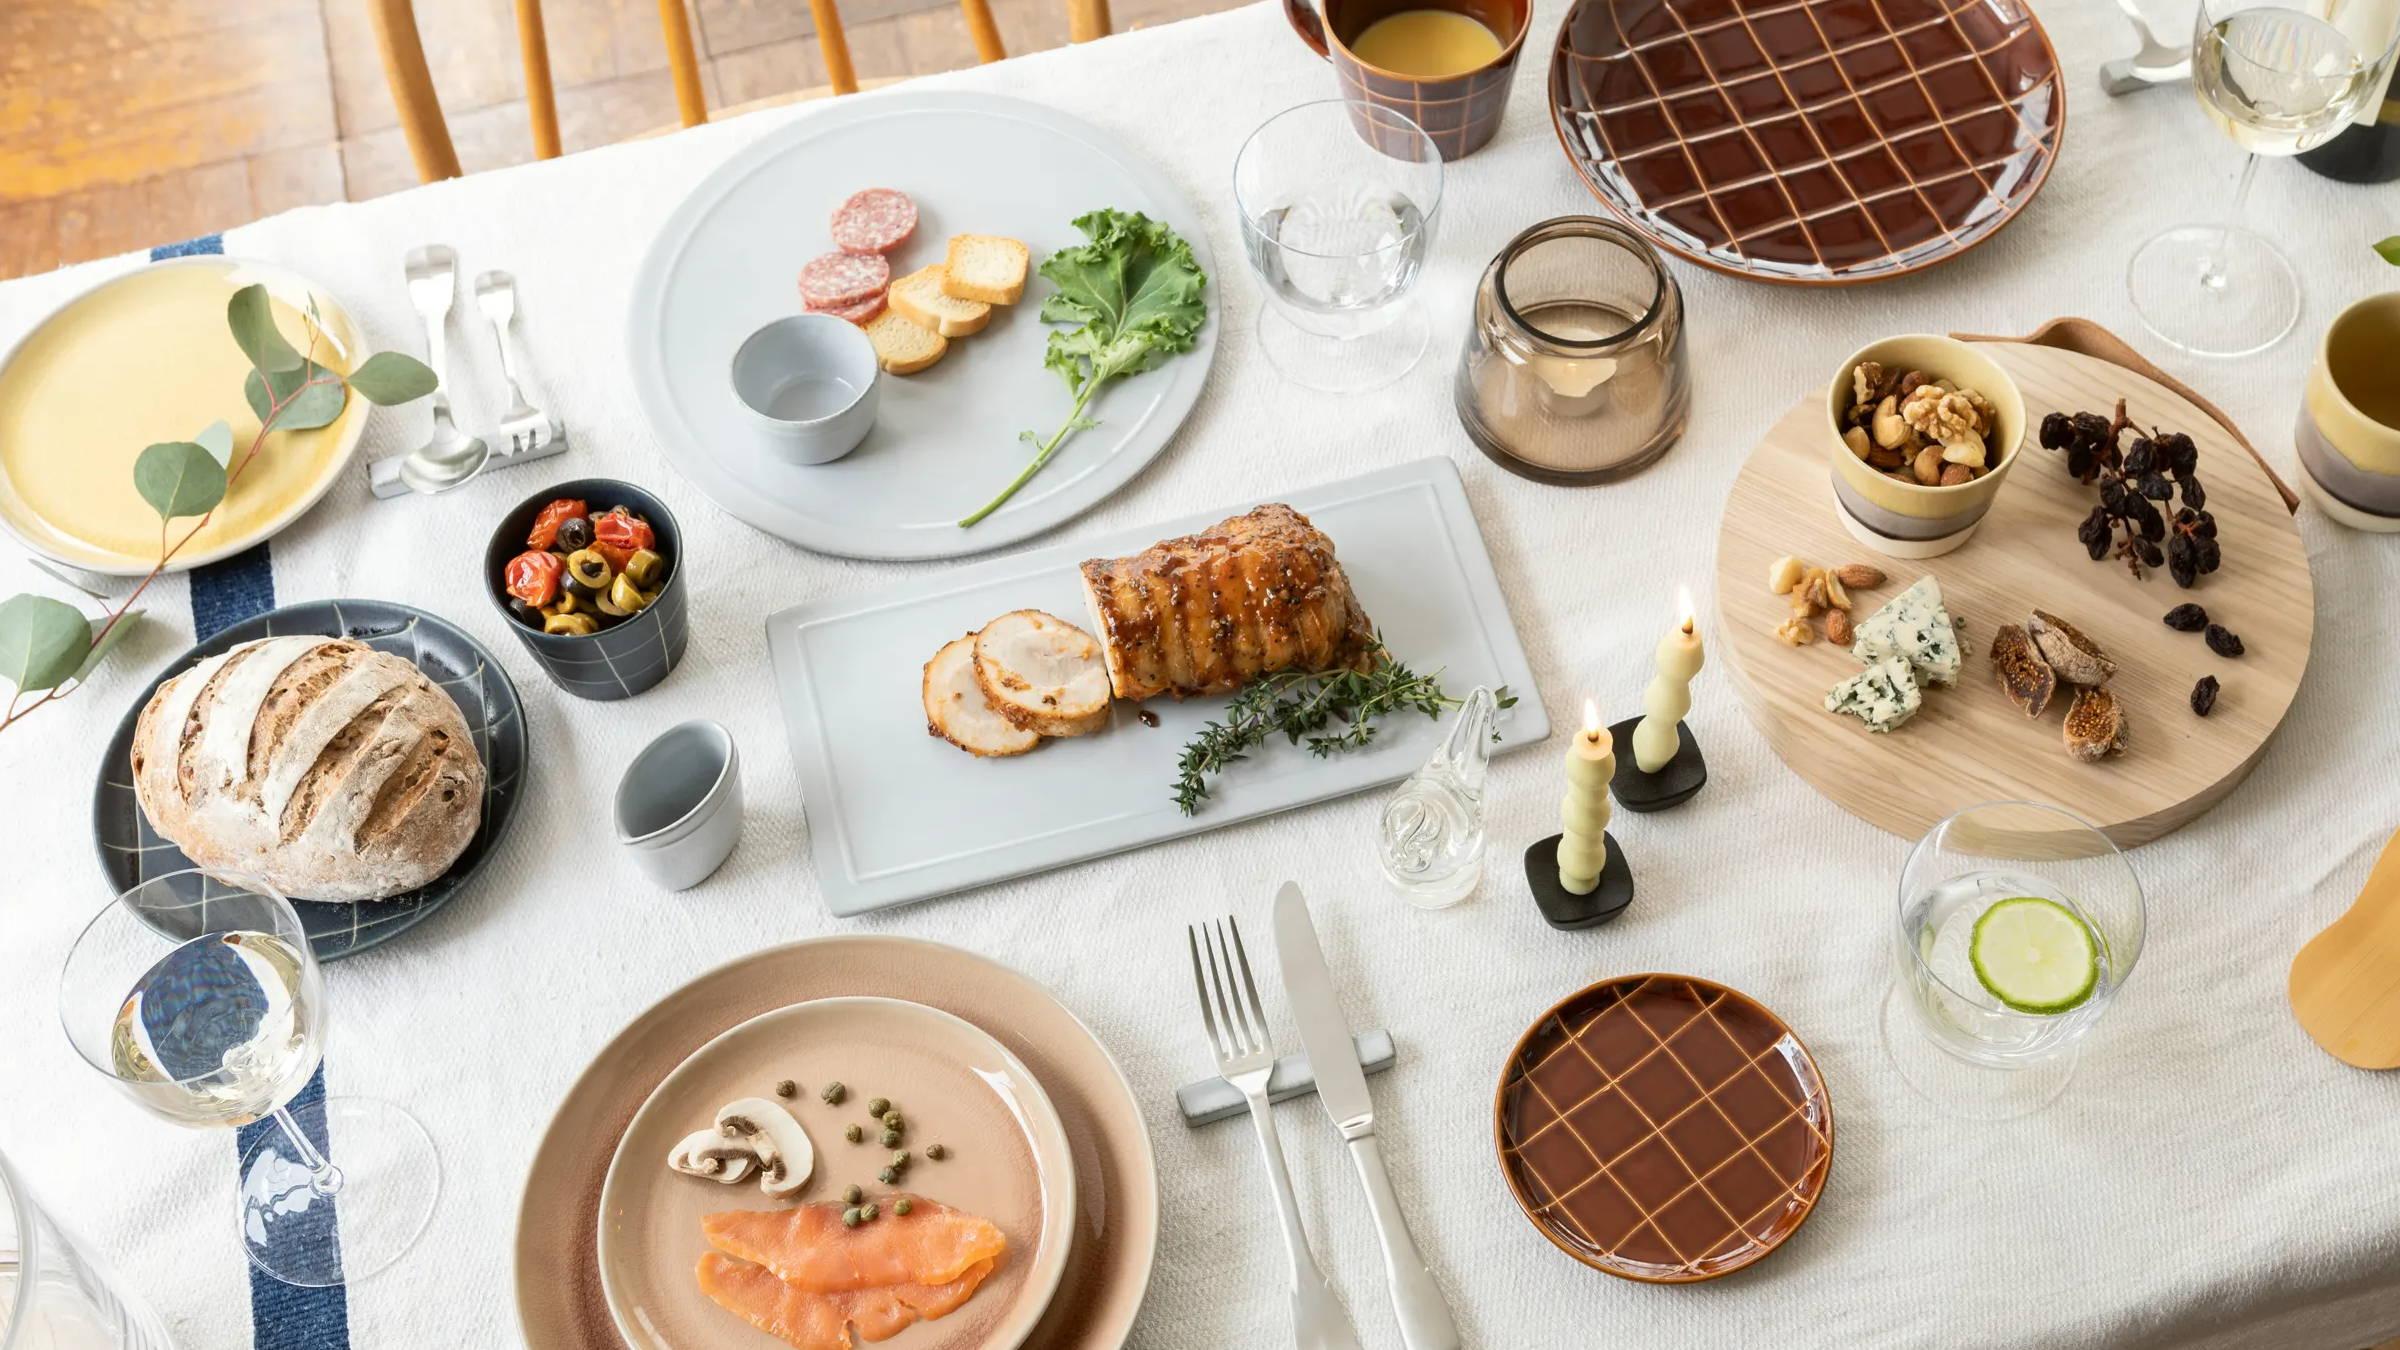 ホテルランチをご自宅で体験できるテーブルウェア